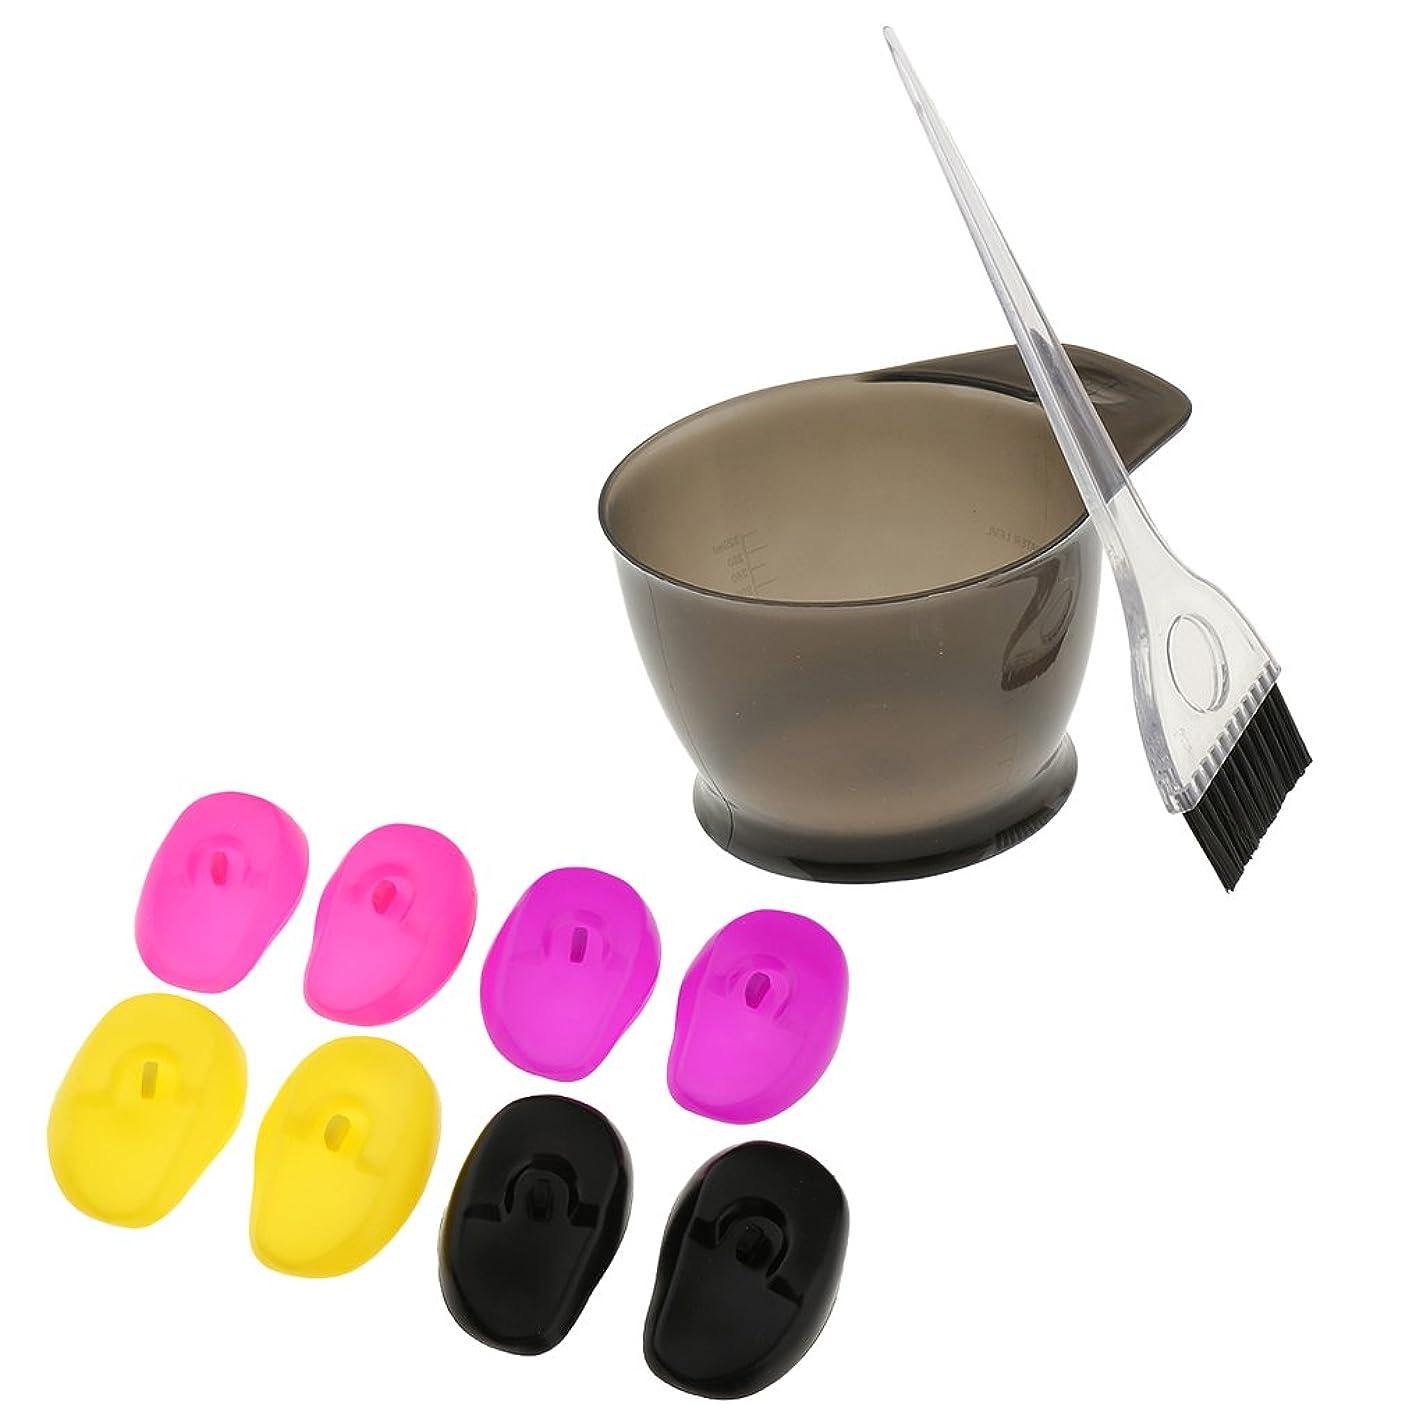 不測の事態ブッシュ市民Baosity シリコン サロン用品 ヘアカラー ブラシ ブリーチツール 染料ボウル 着色ツール イヤーカバー 再利用可能 1セット